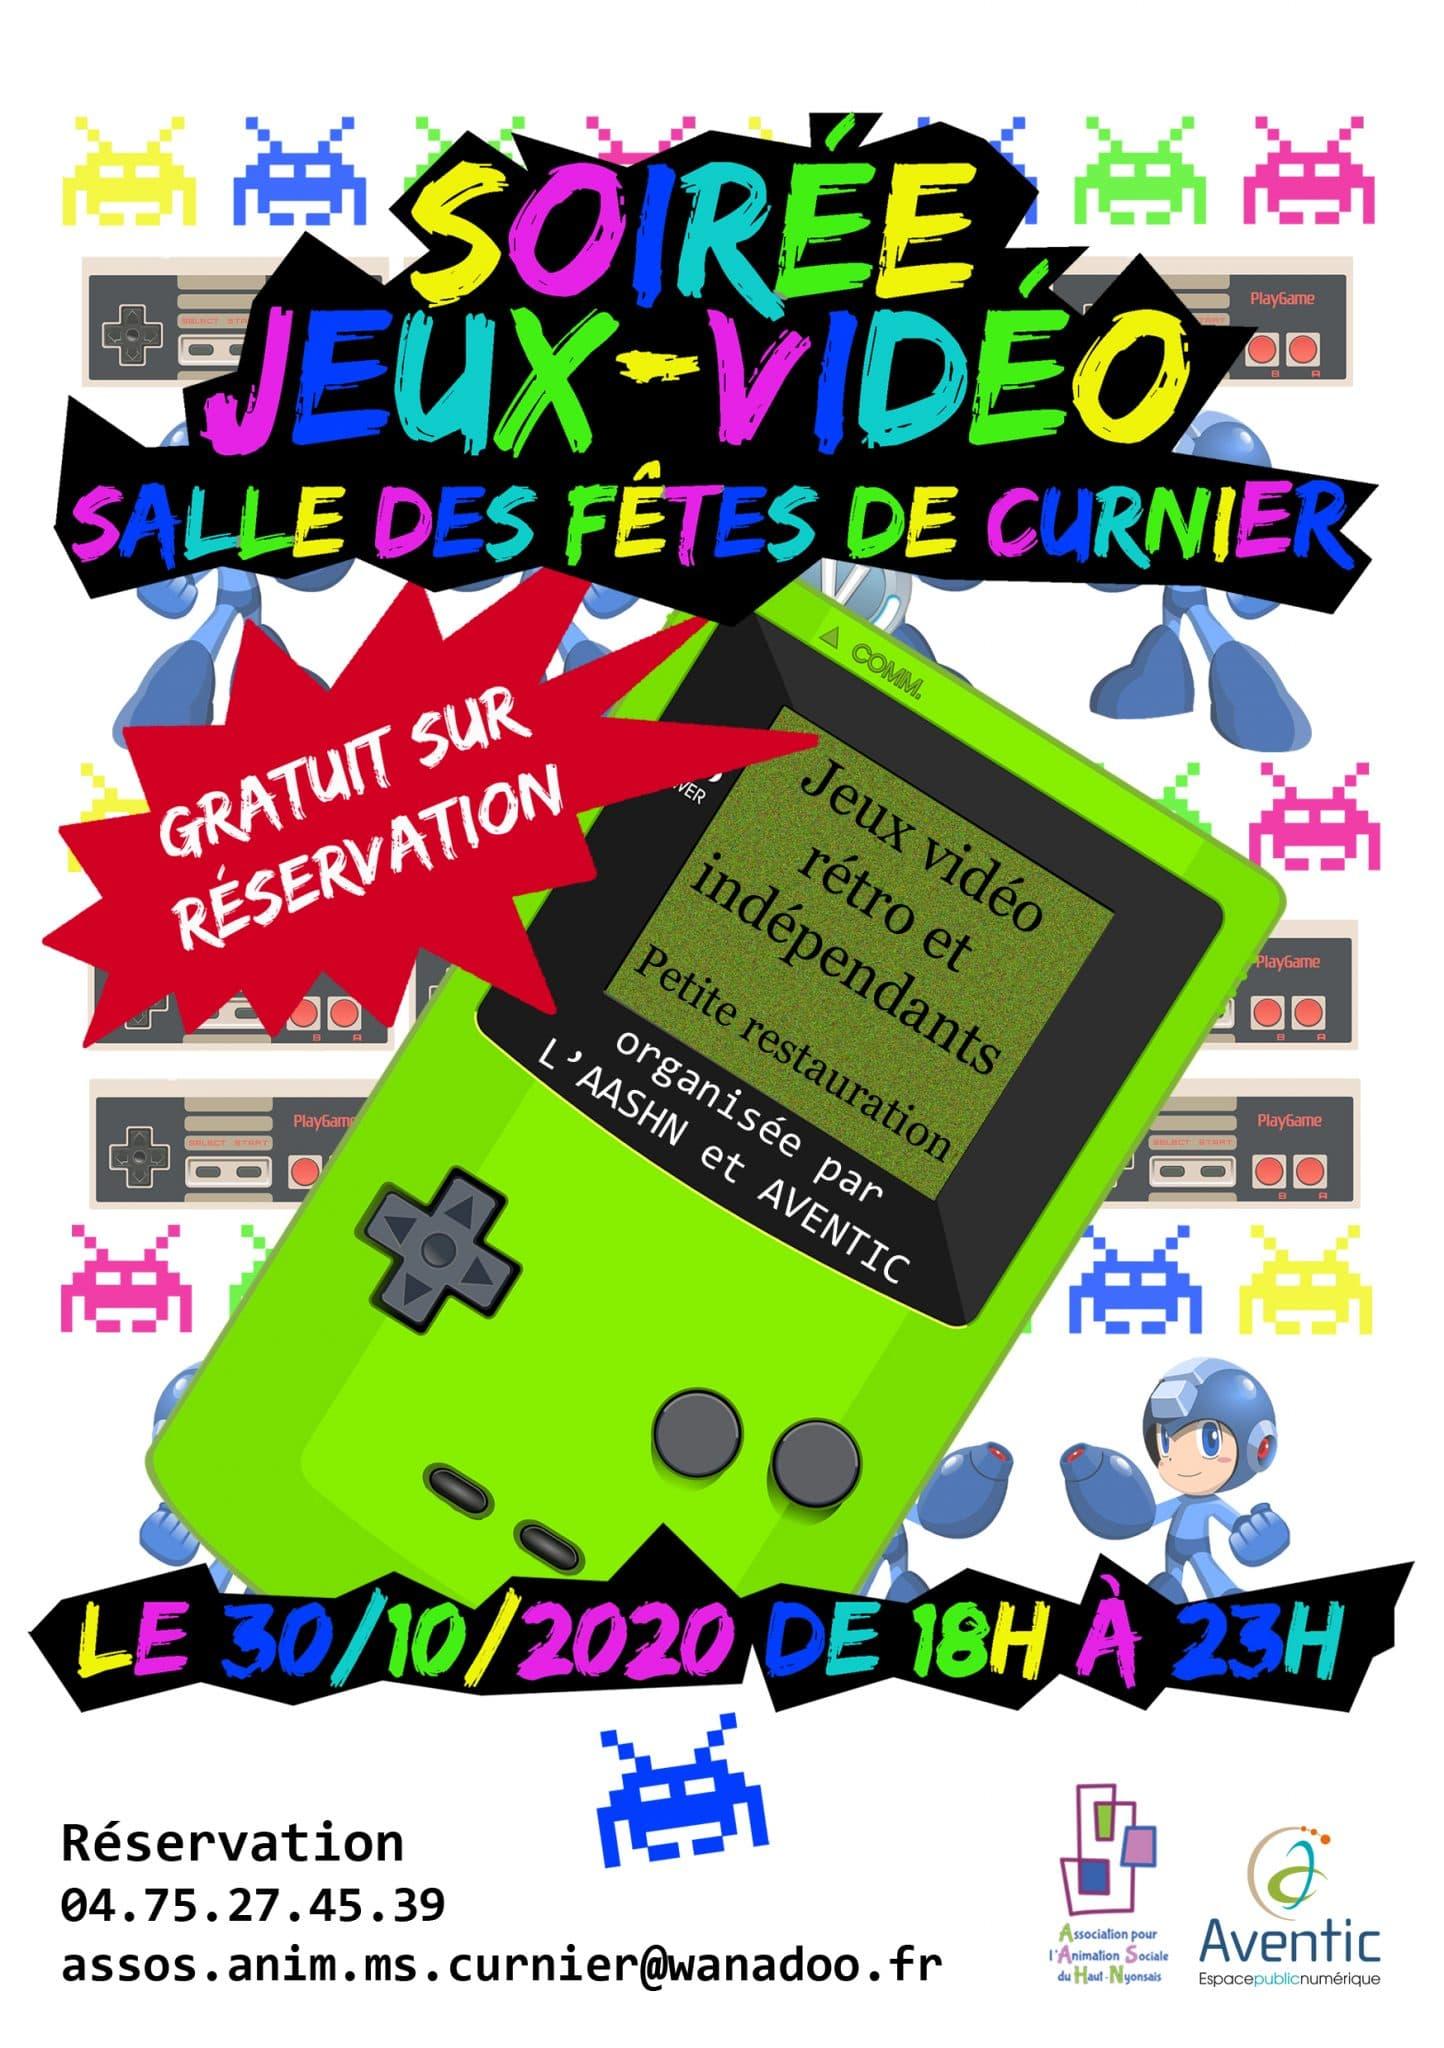 Soirée jeux vidéo - 30 oct 2020